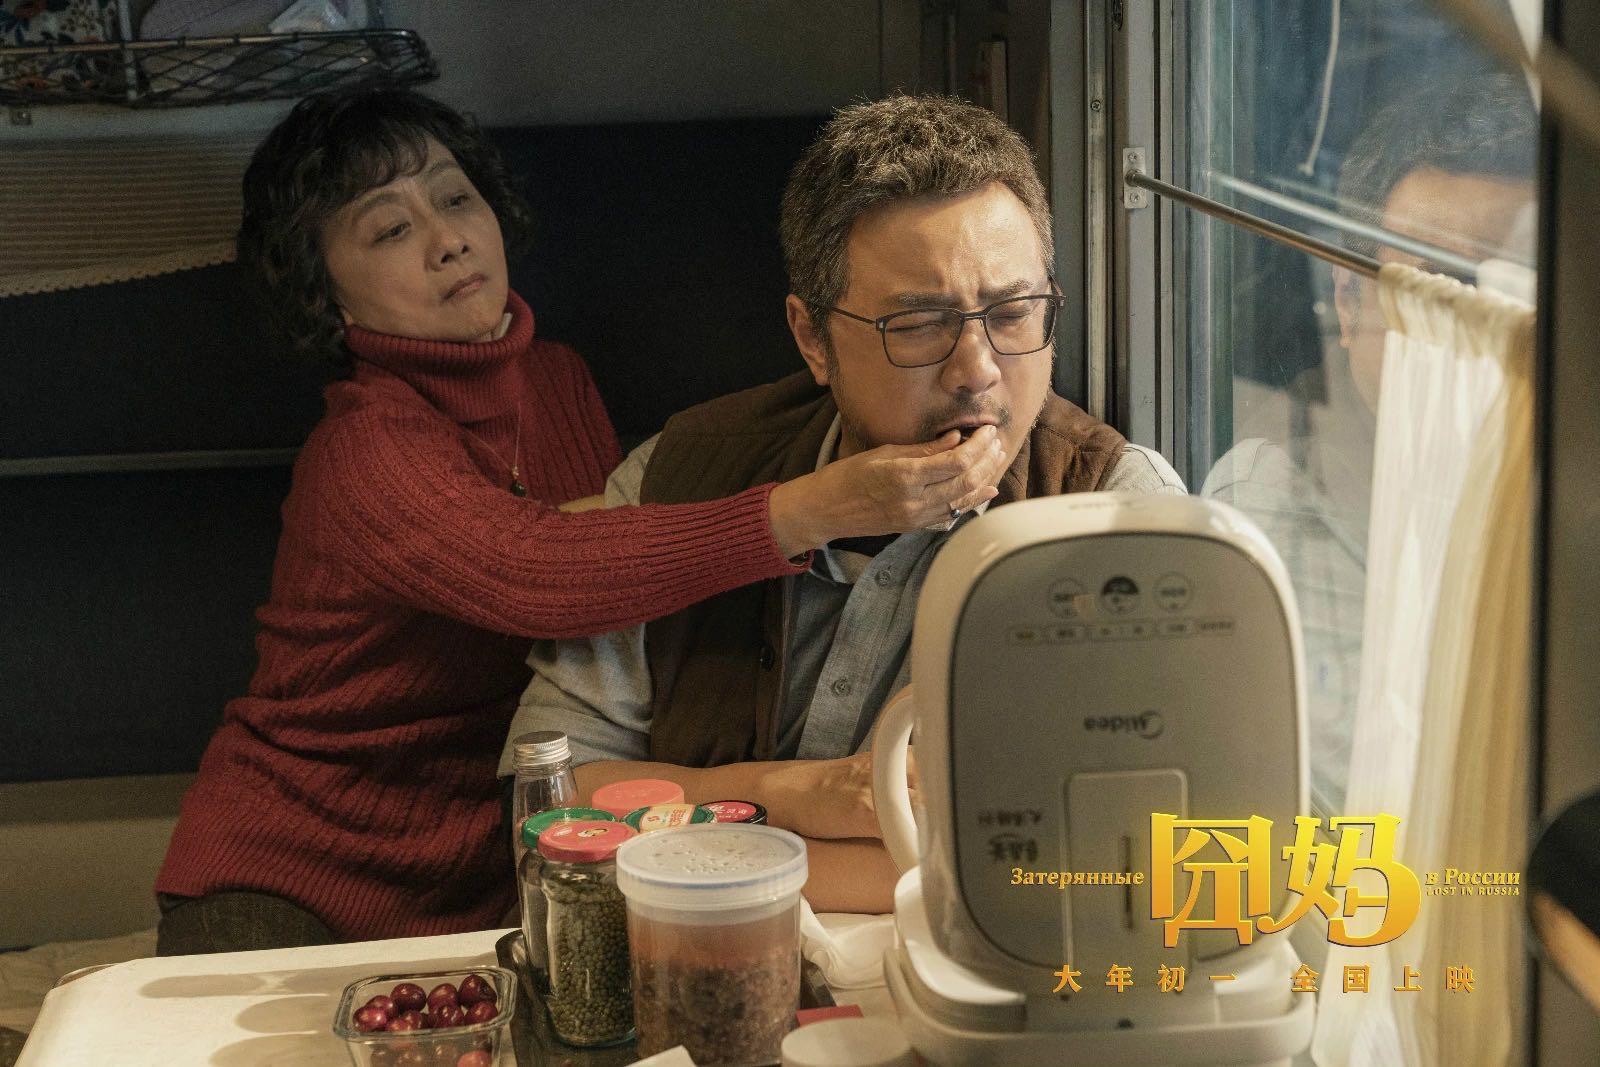 徐峥回应《囧妈》网上免费播出